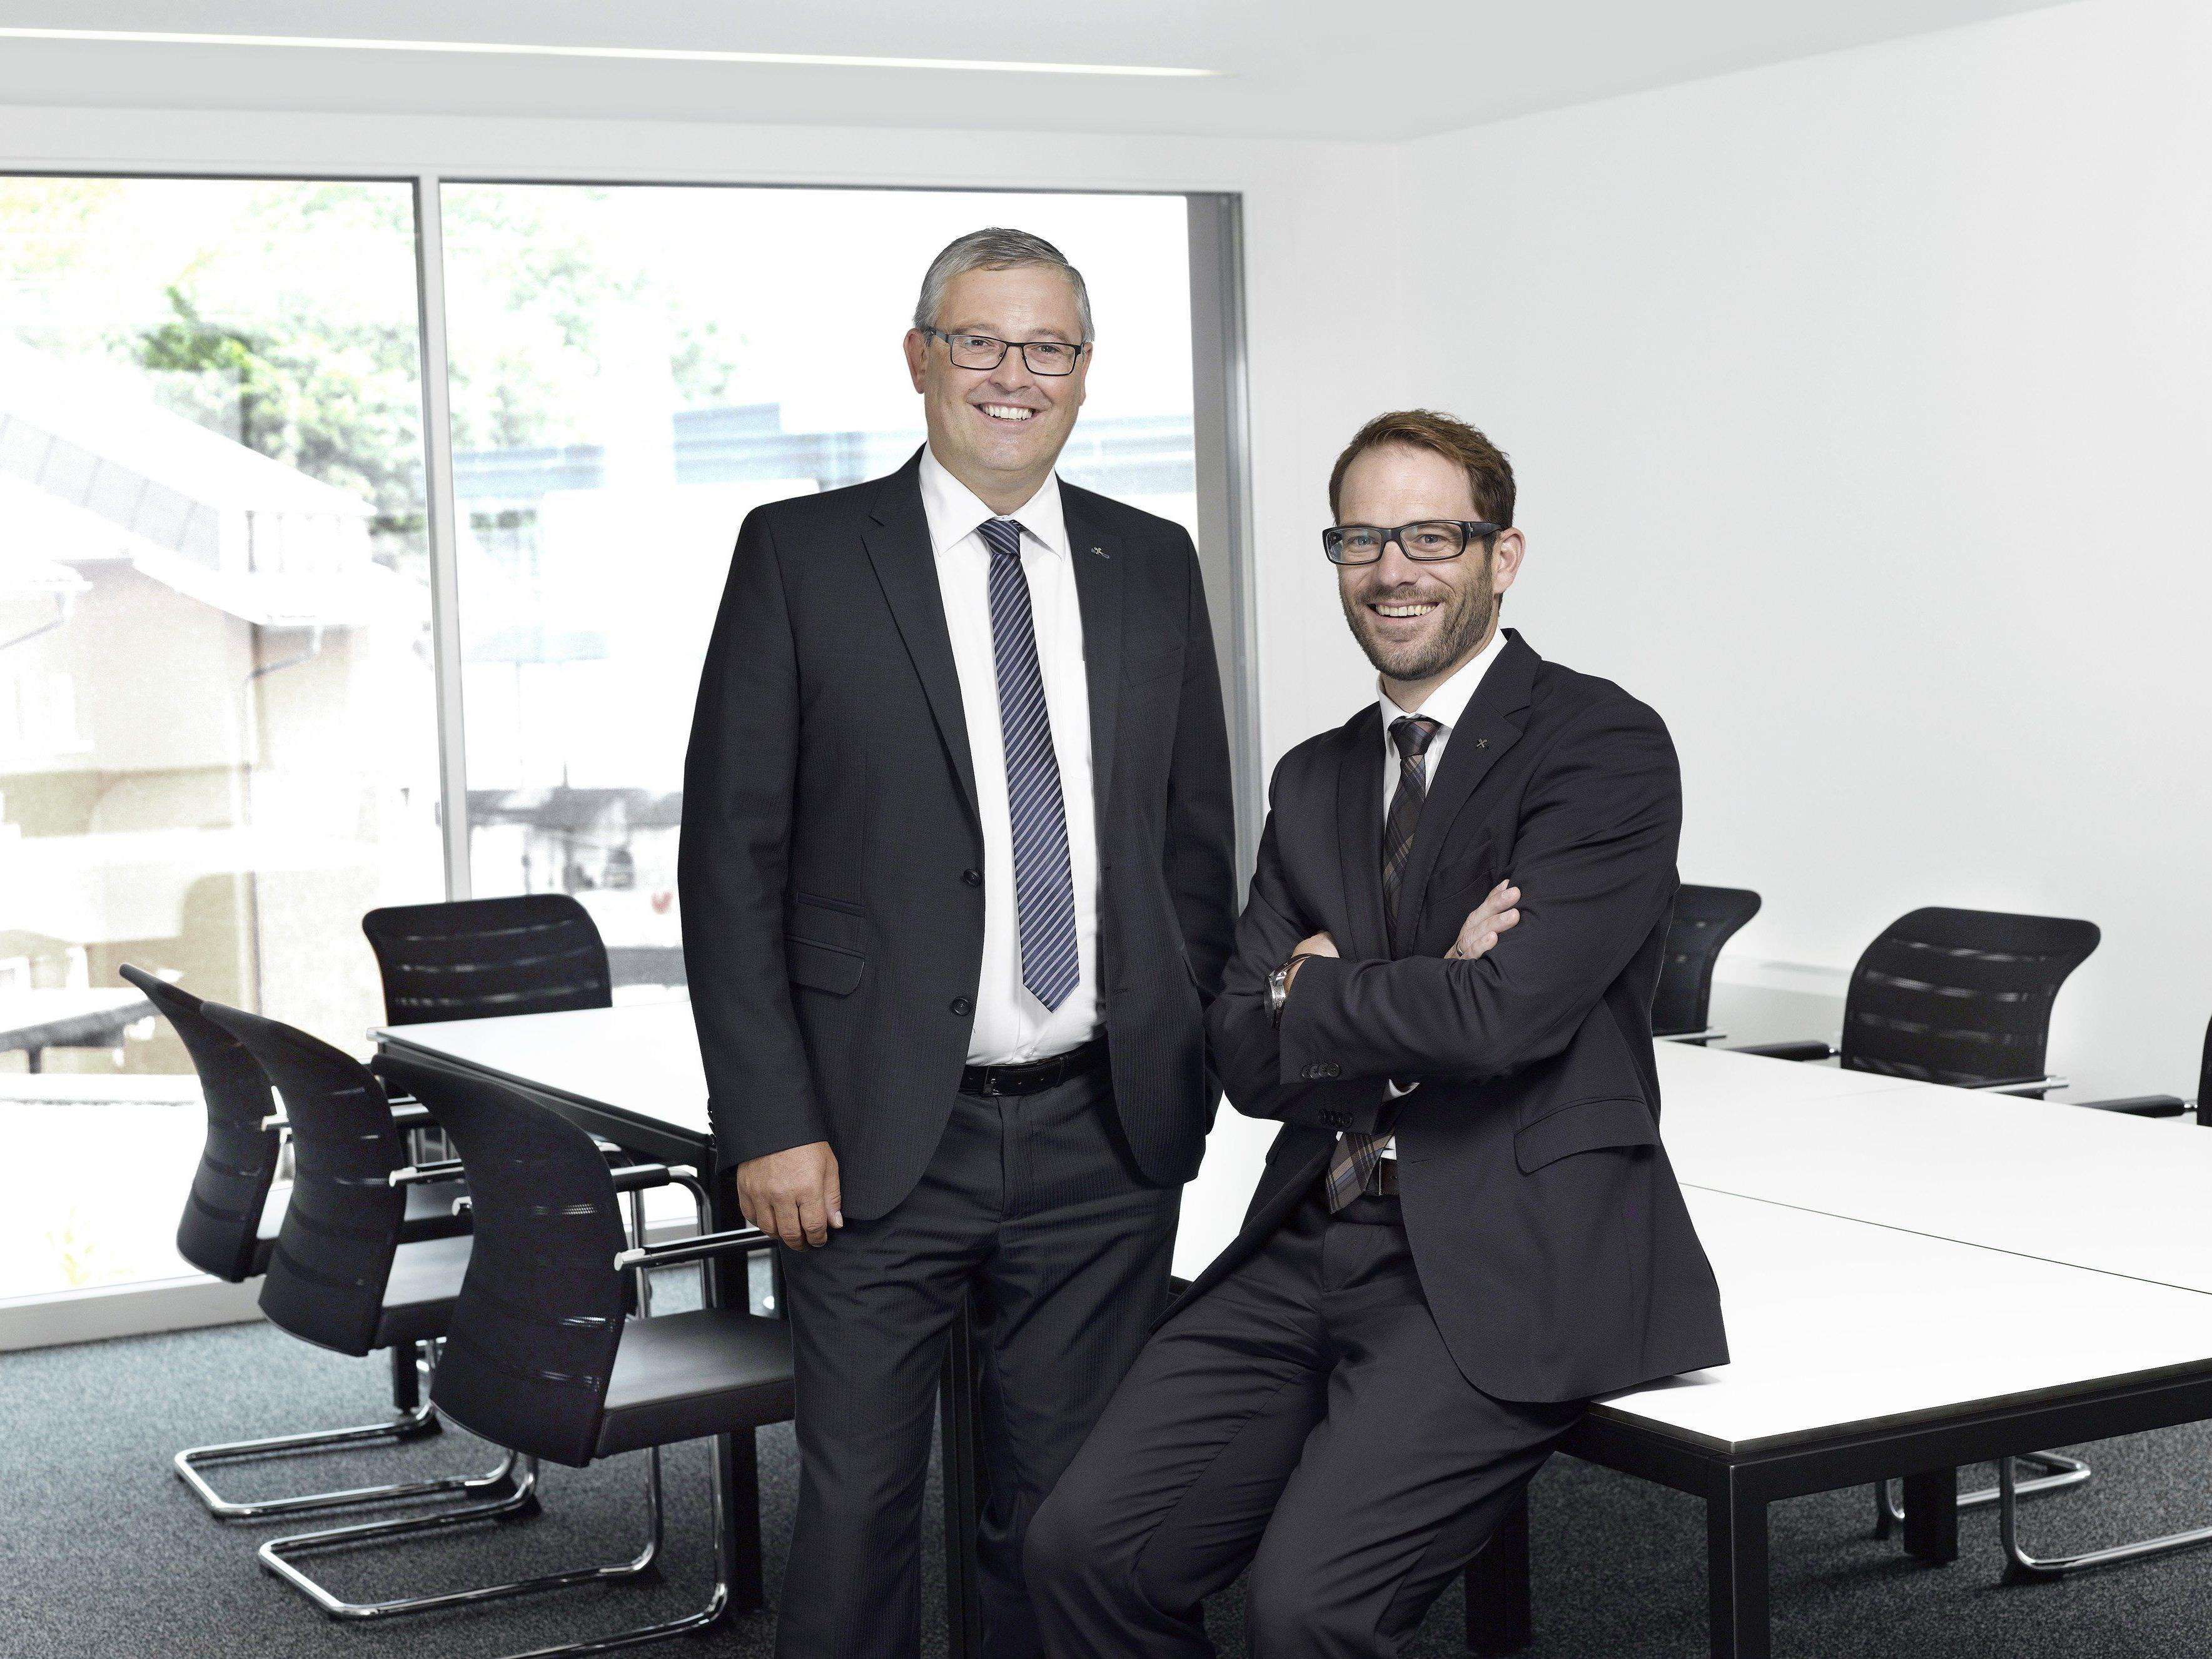 Die Raiffeisenbanken Altach und Götzis sind Geschichte – Andreas Spiegel und Klemens Heinzle sind die Vorstandsdirektoren der neuen Raiffeisenbank amKumma.